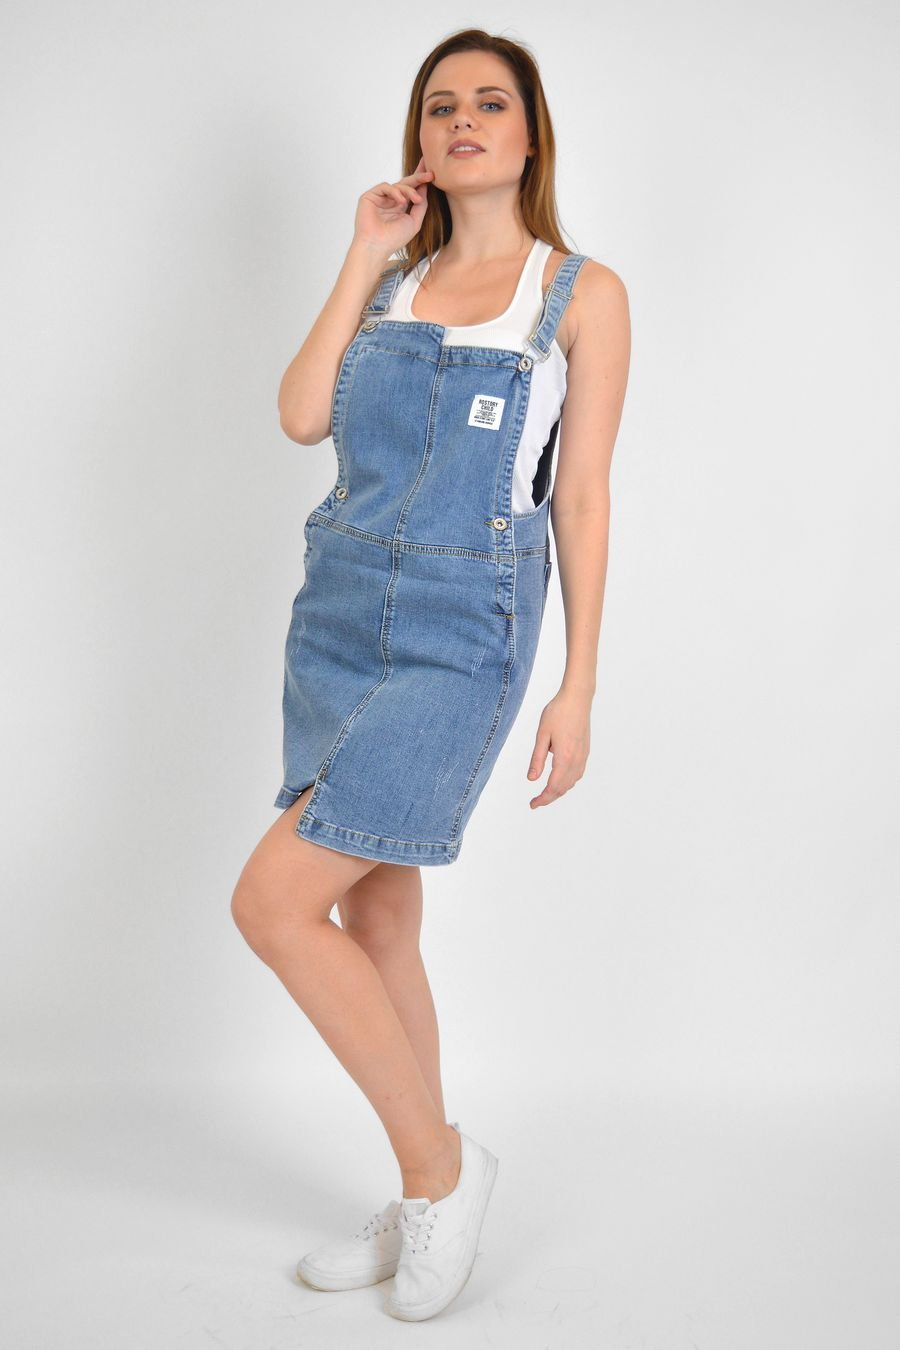 Комбинезон женский Baccino 3060 джинсовый - фото 2